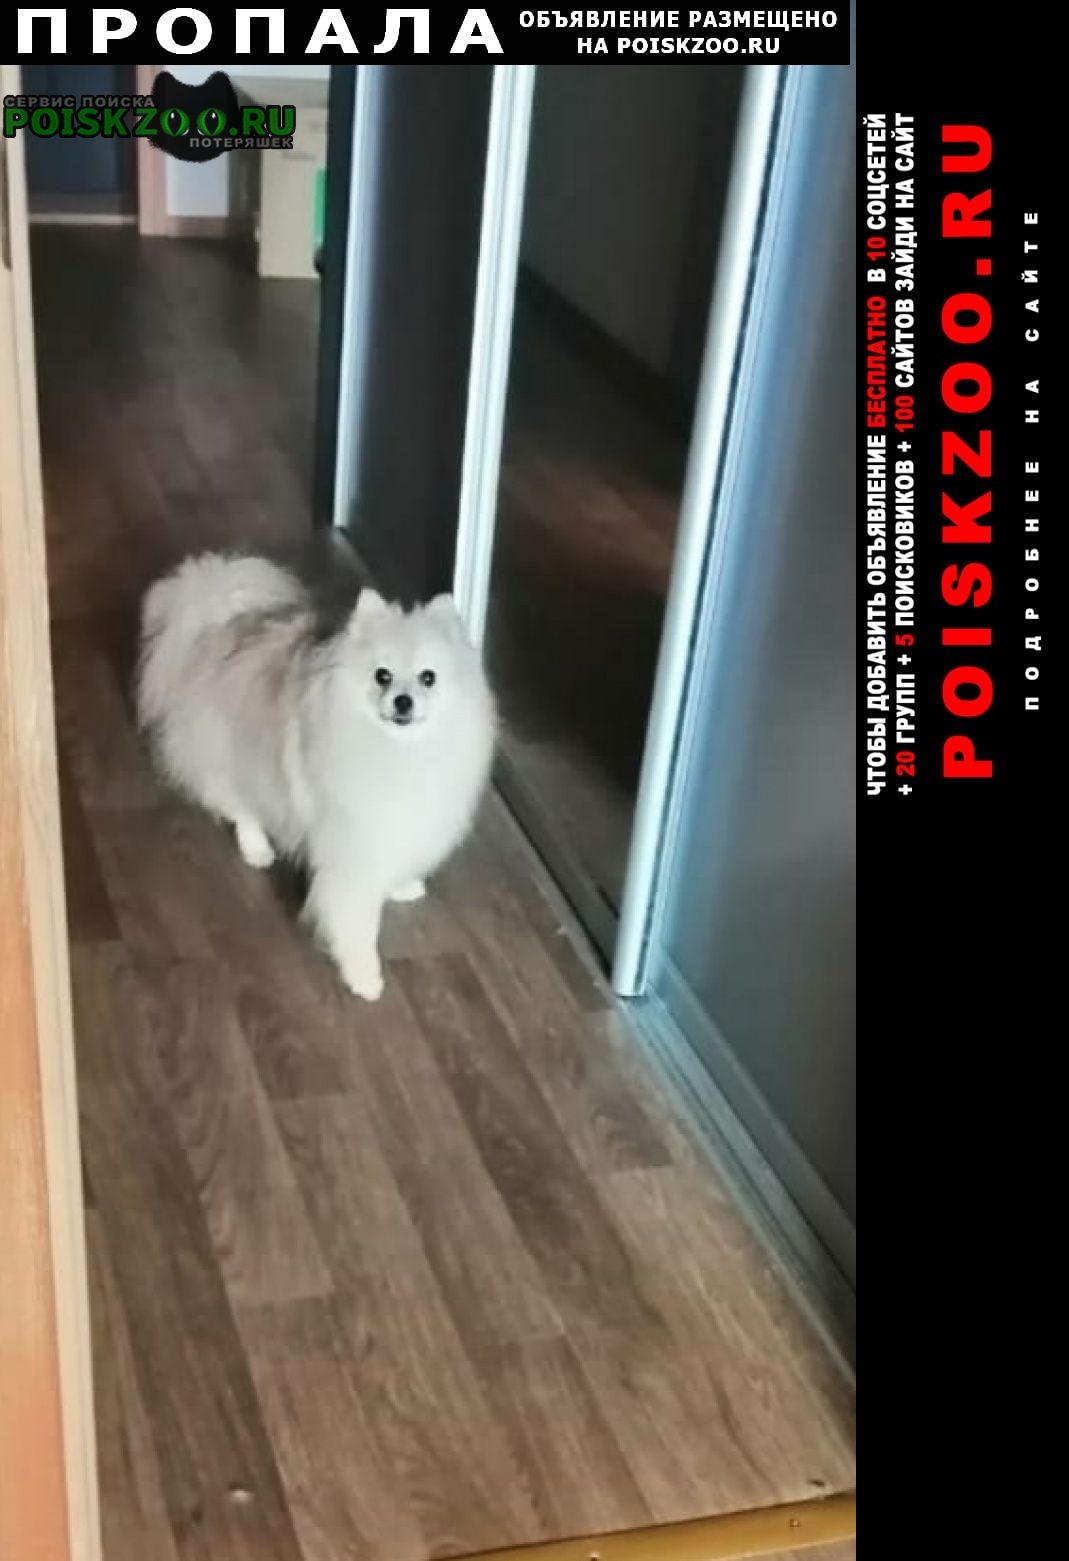 Пропала собака г.колтуши деревня верхняя Всеволожск